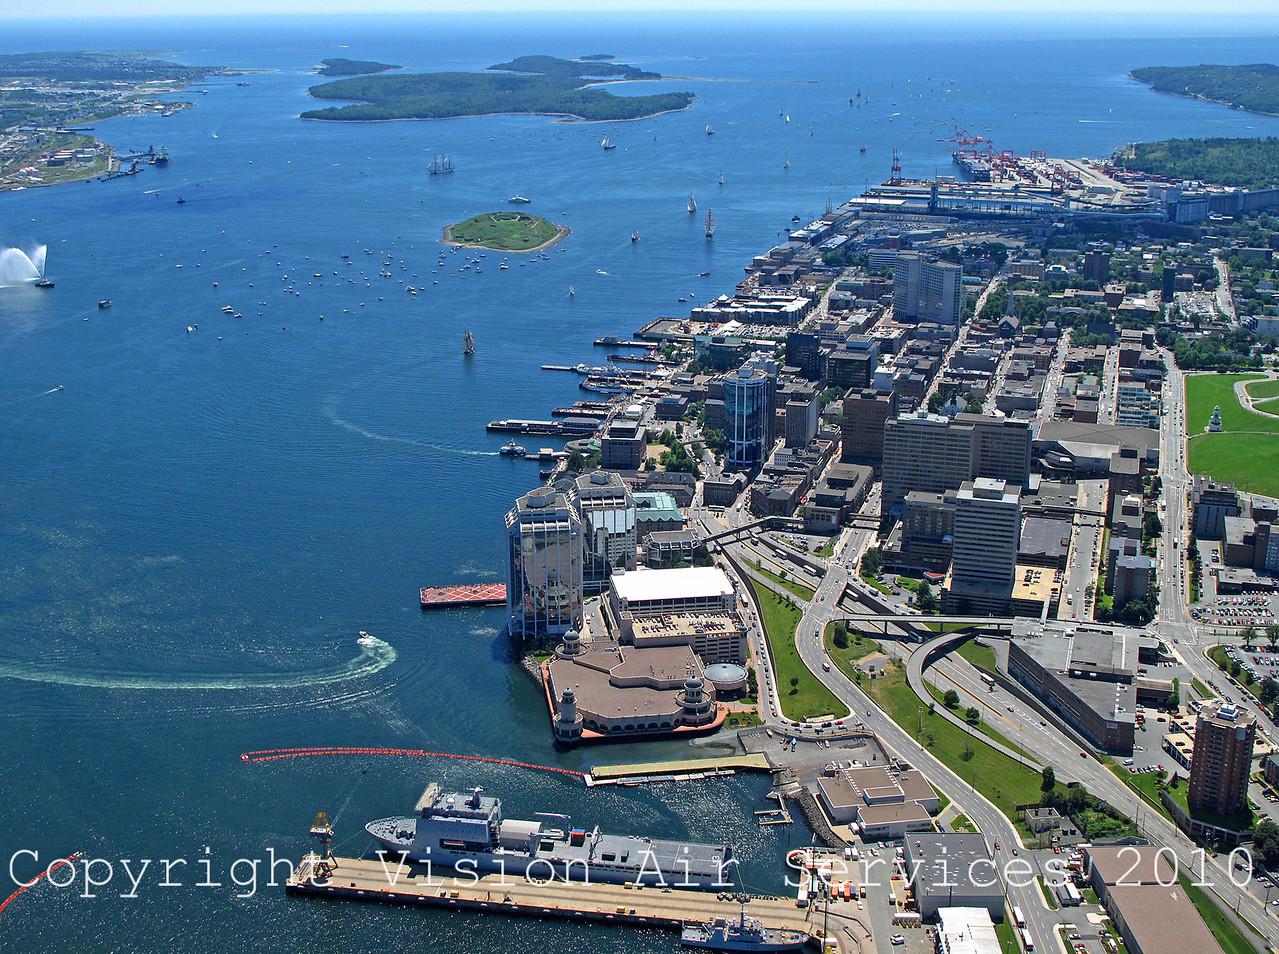 HalifaxWaterfront 2009